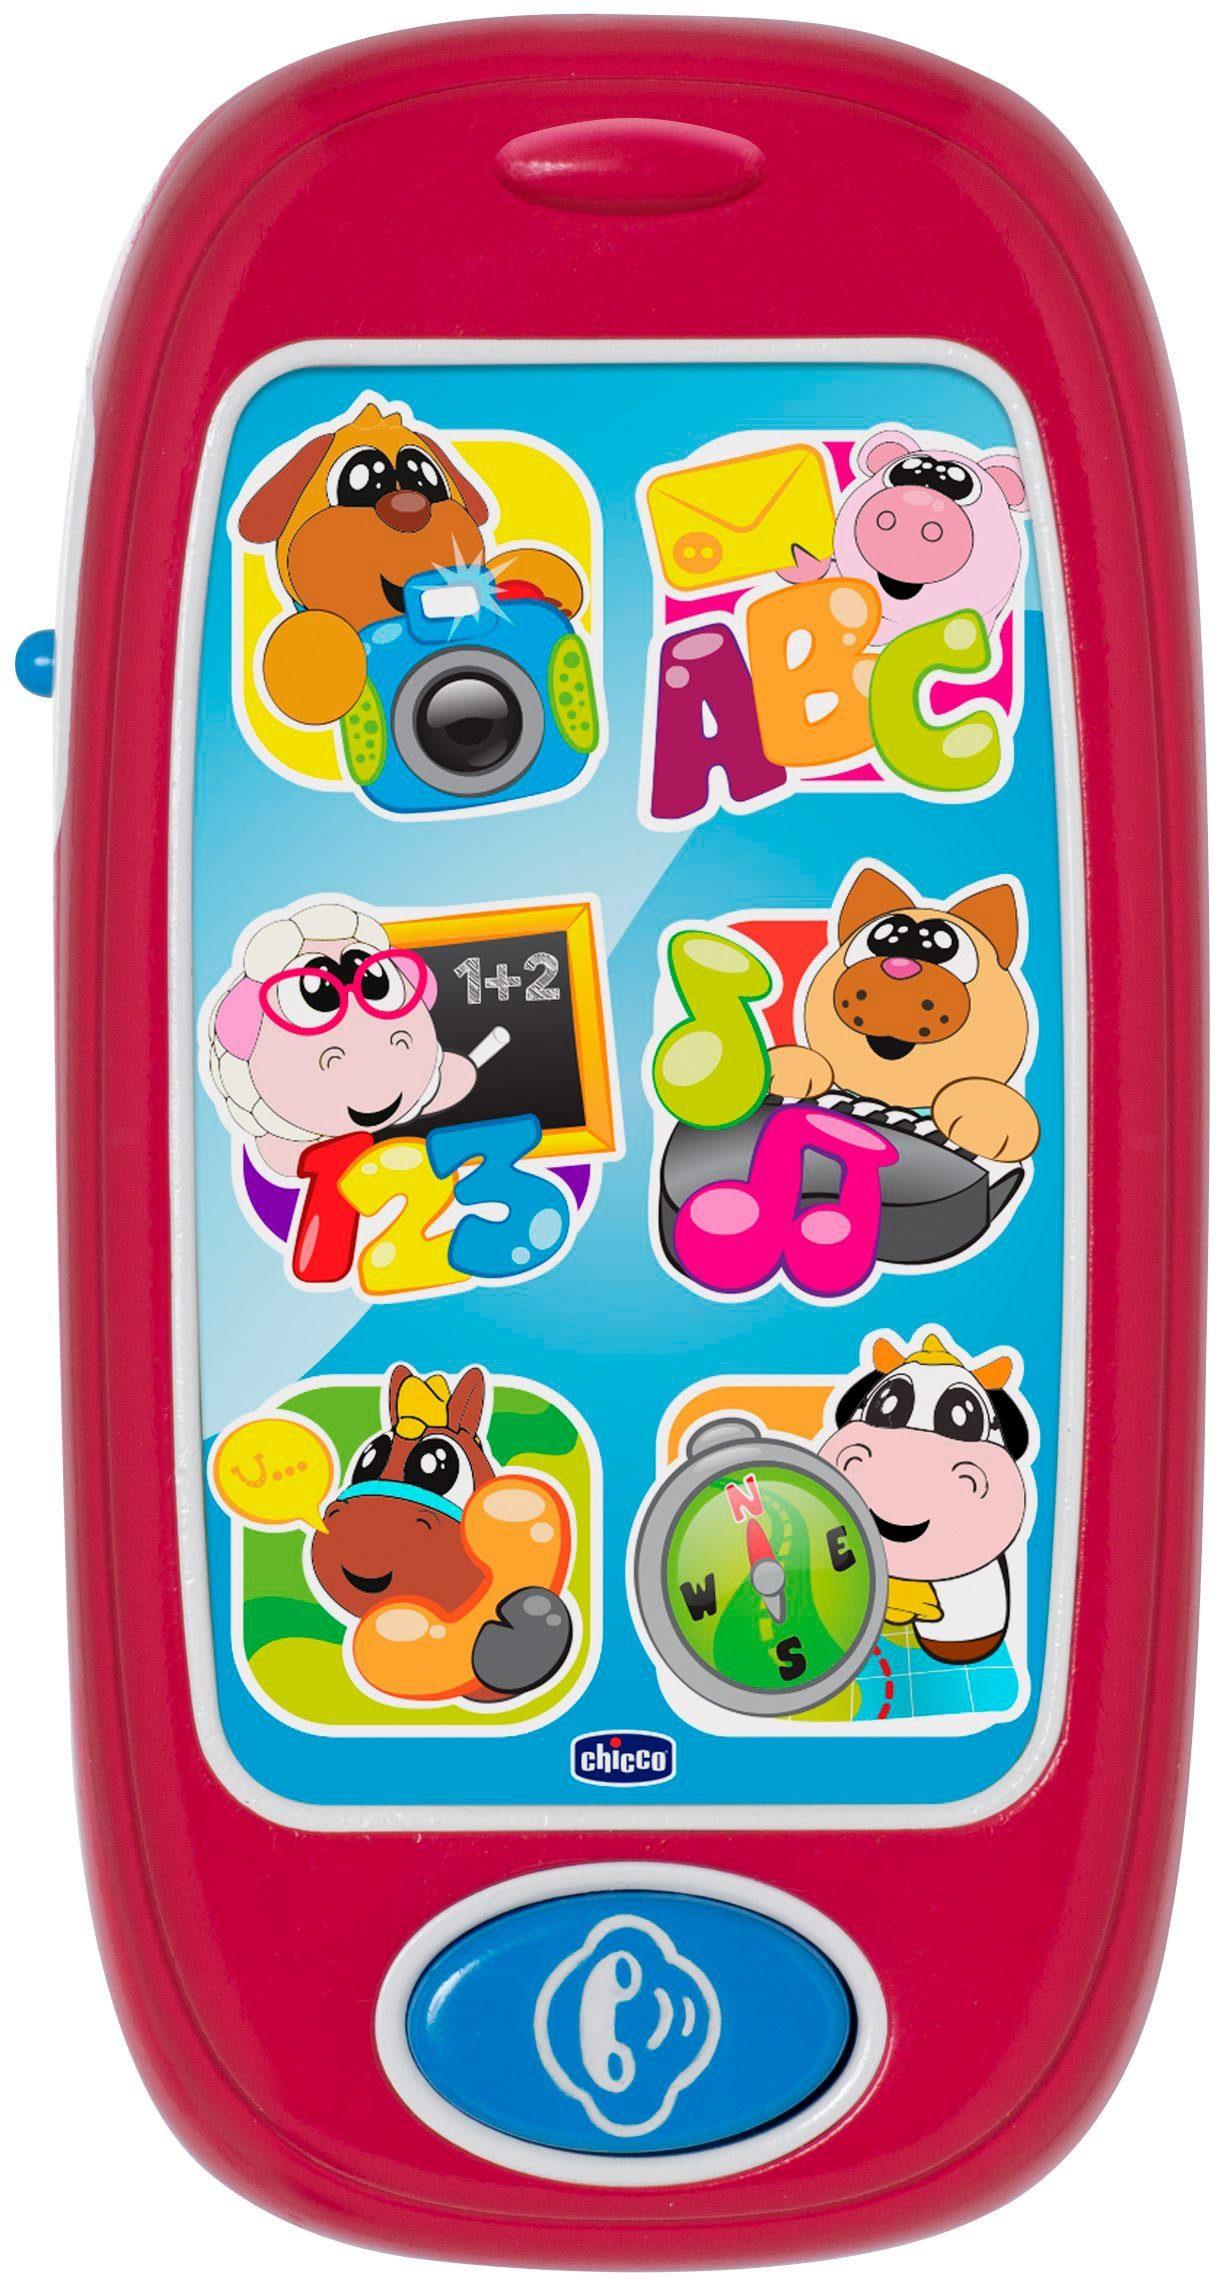 Chicco® Elektronisches Spielzeug mit Licht und Soundfunktion, »Bilingual ABC Smartphone D/GB«